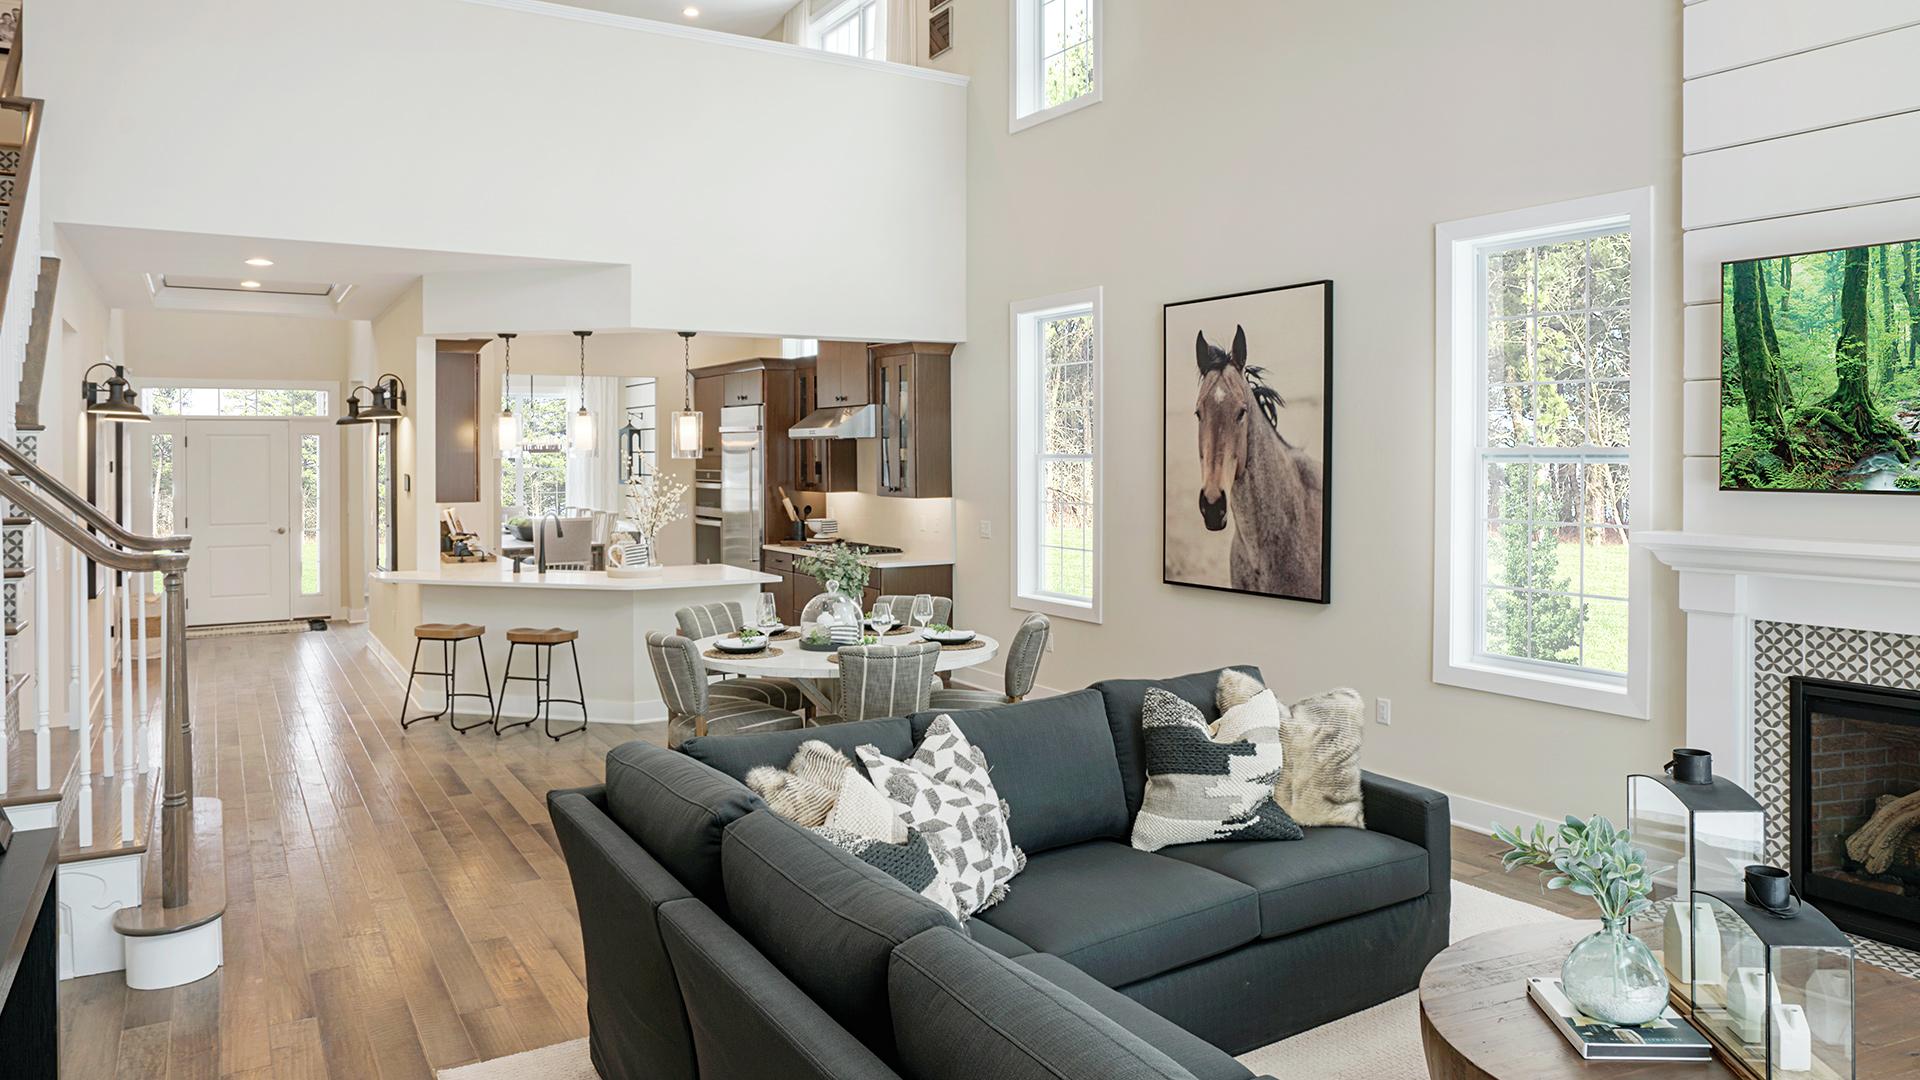 Open concept floor plan with loft